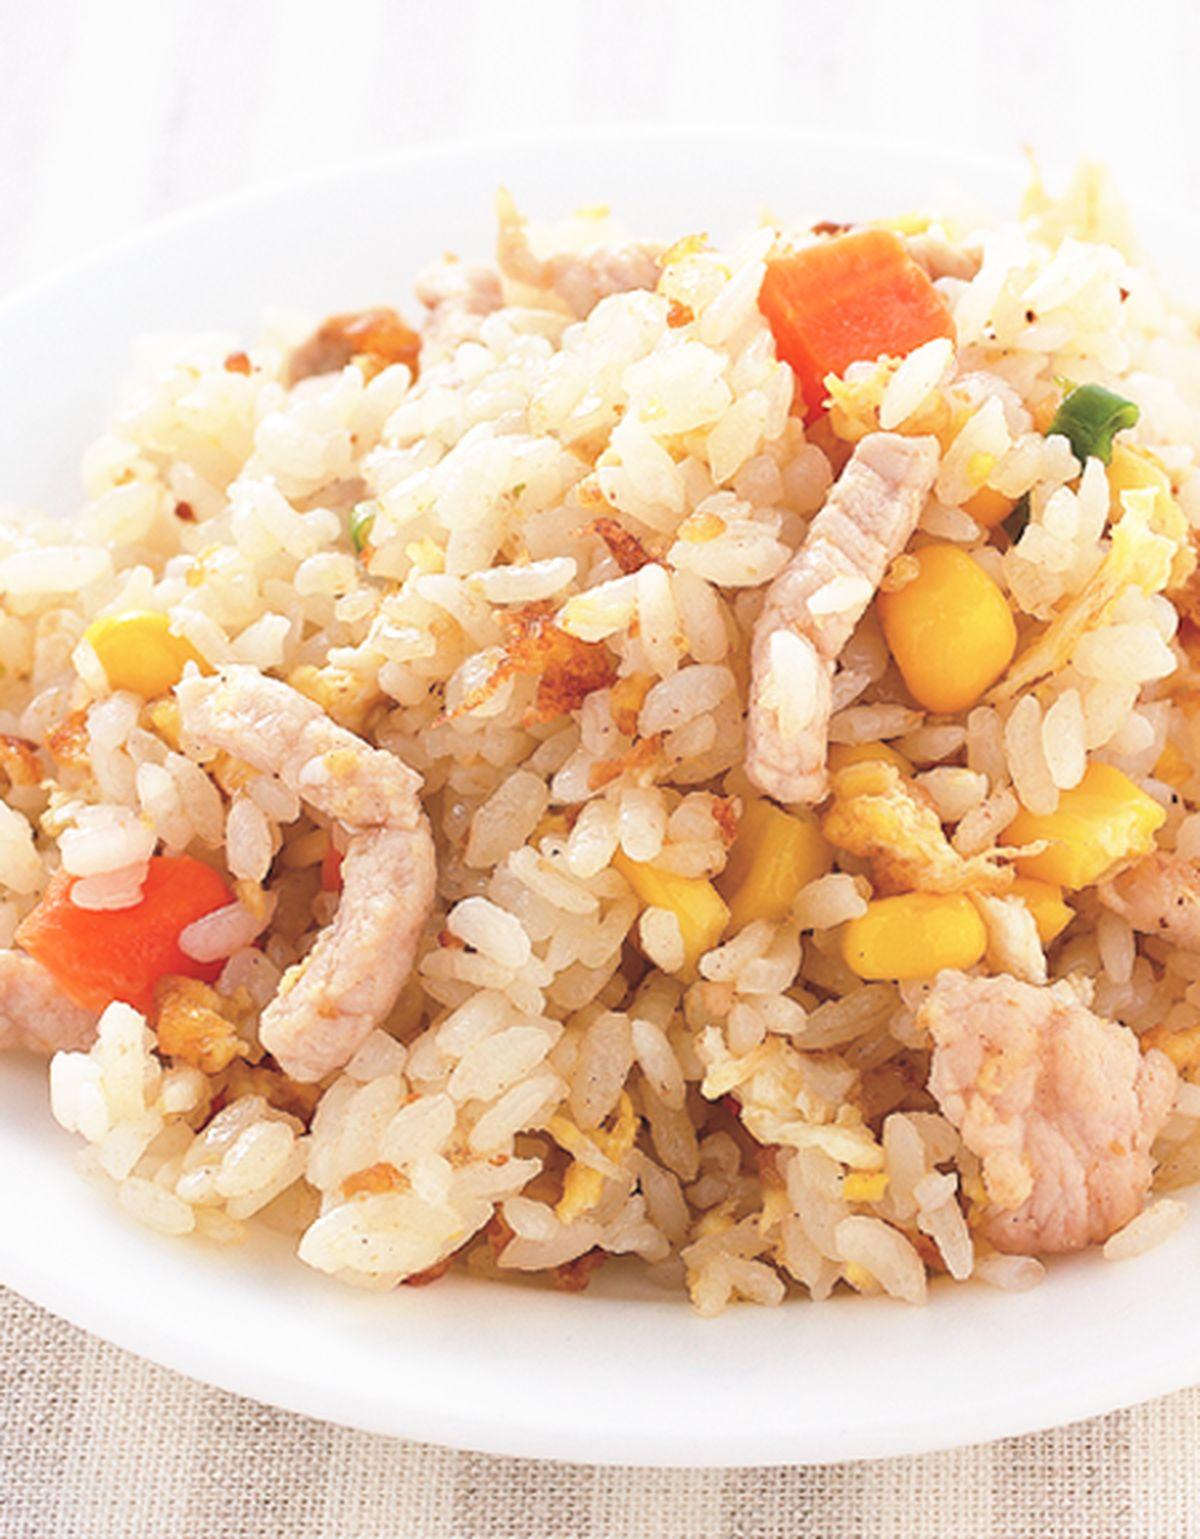 食譜:肉絲蛋炒飯